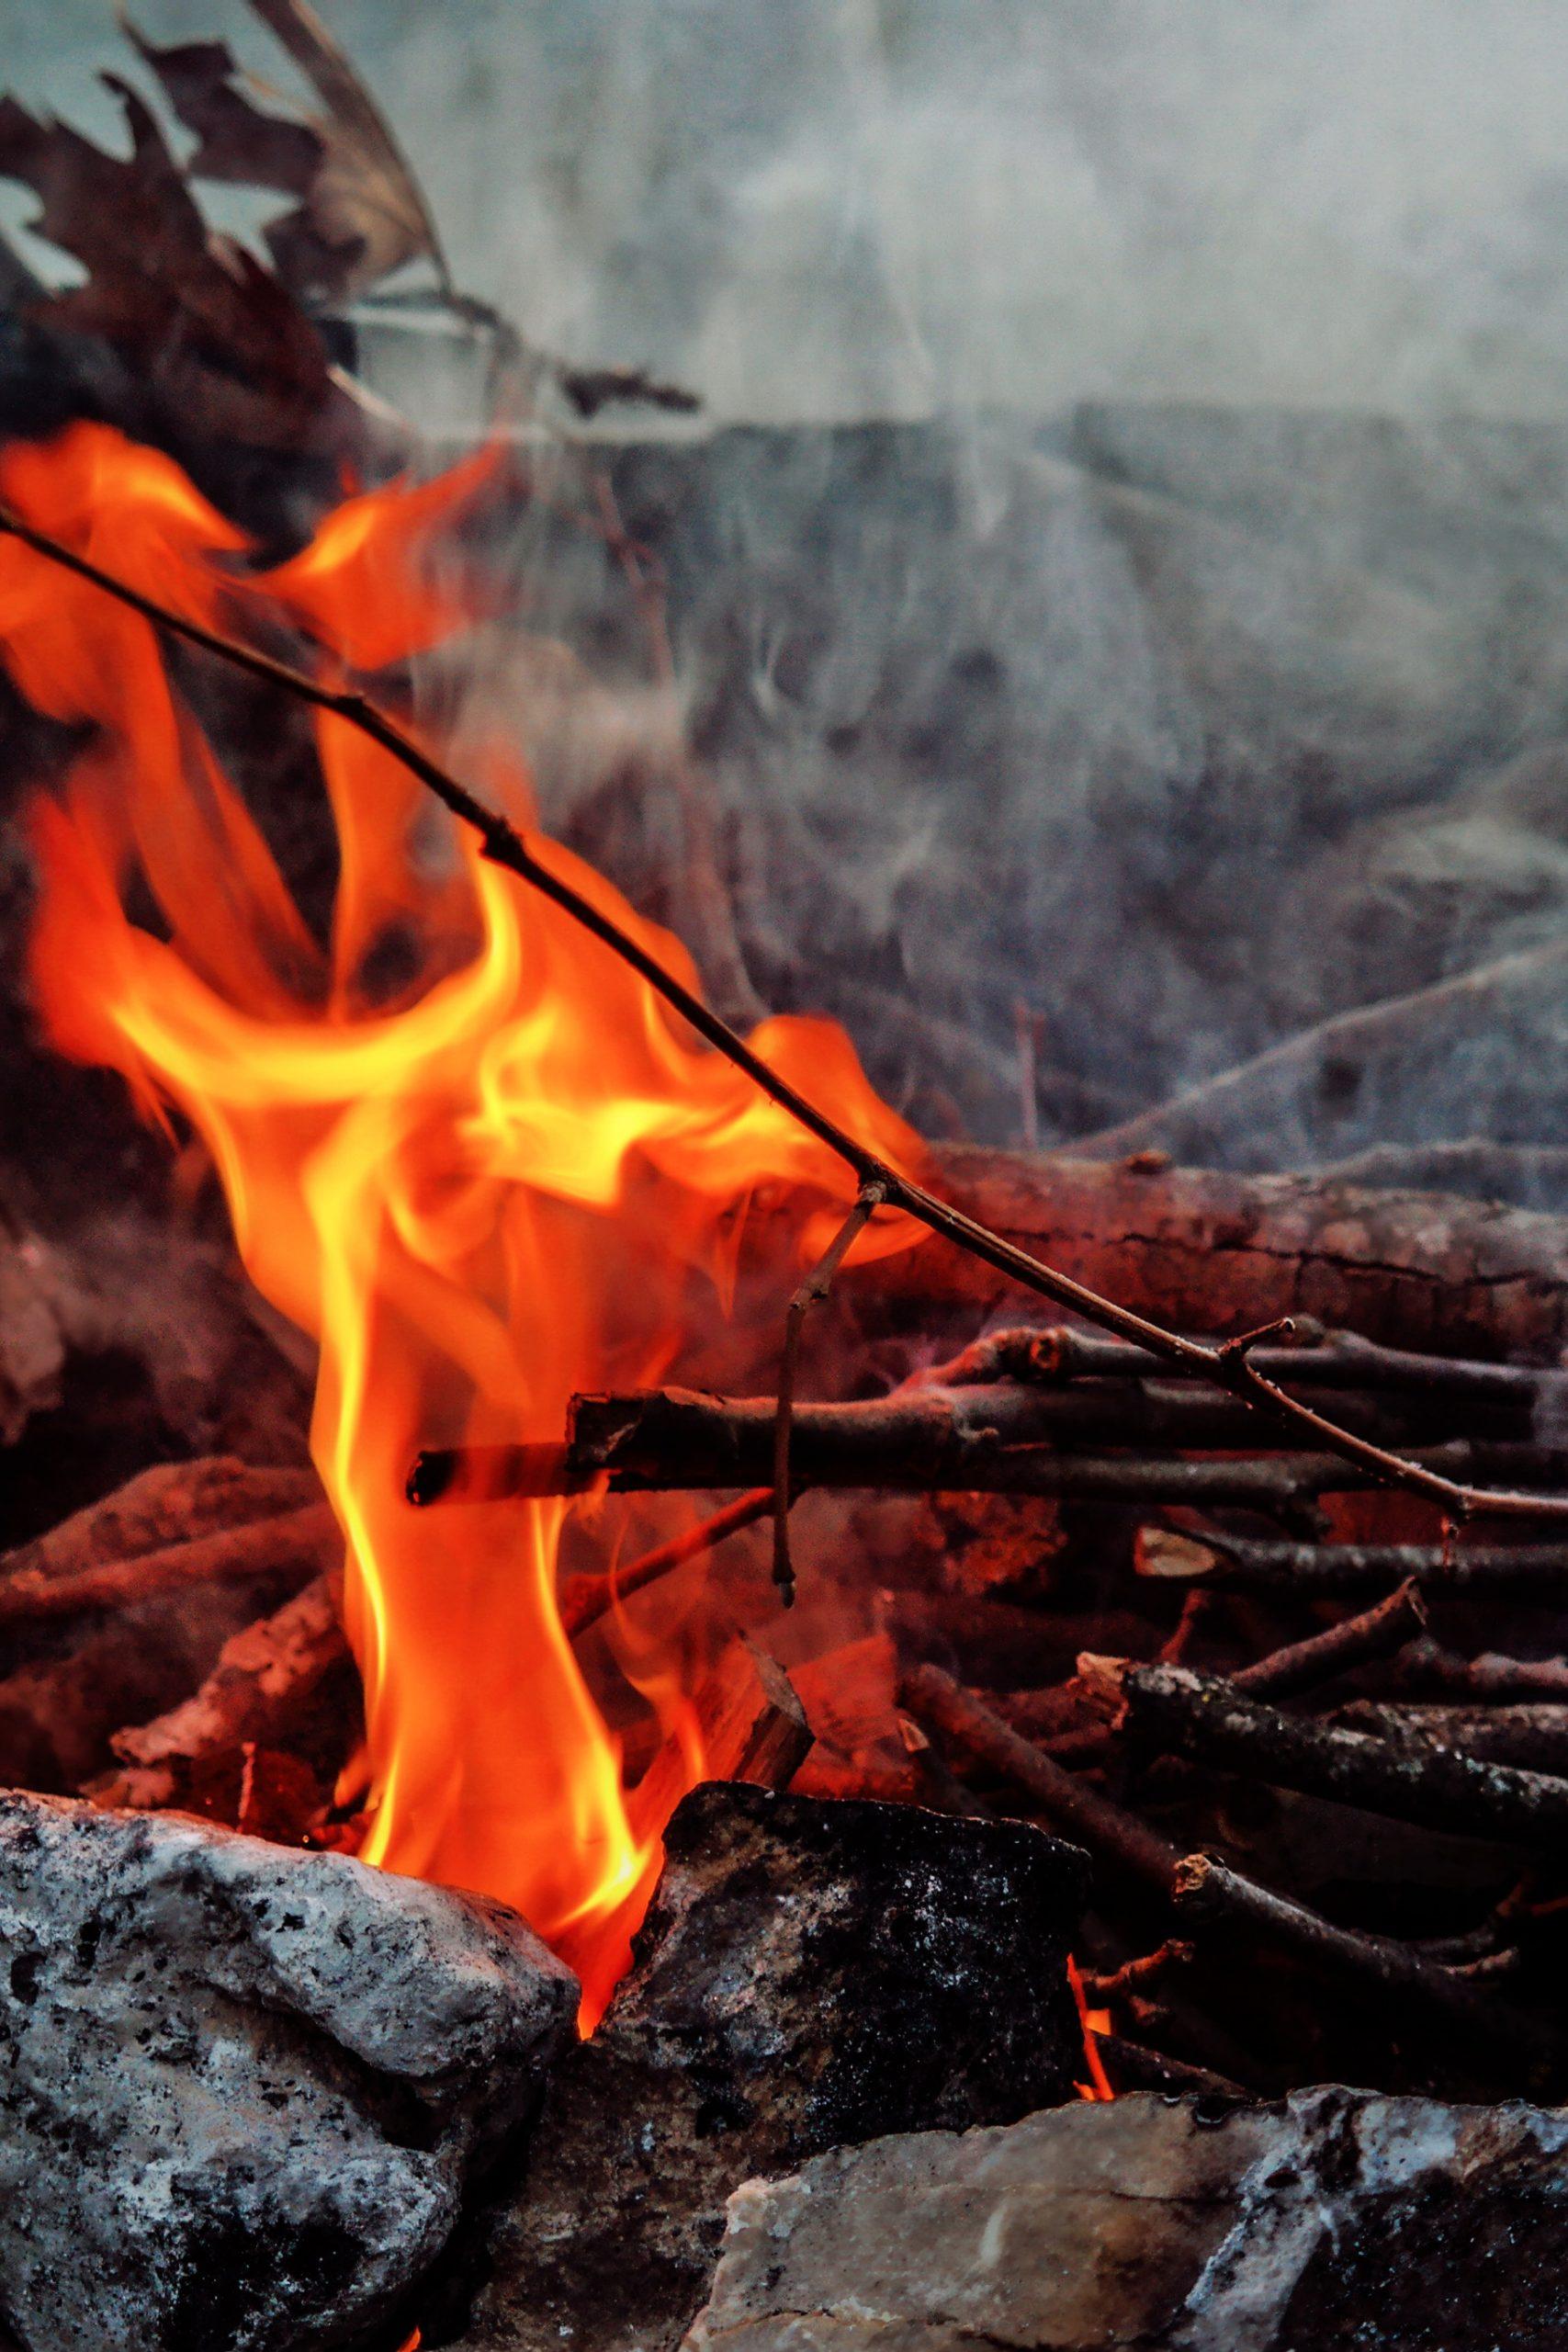 prayer – mistaking kindling for logs